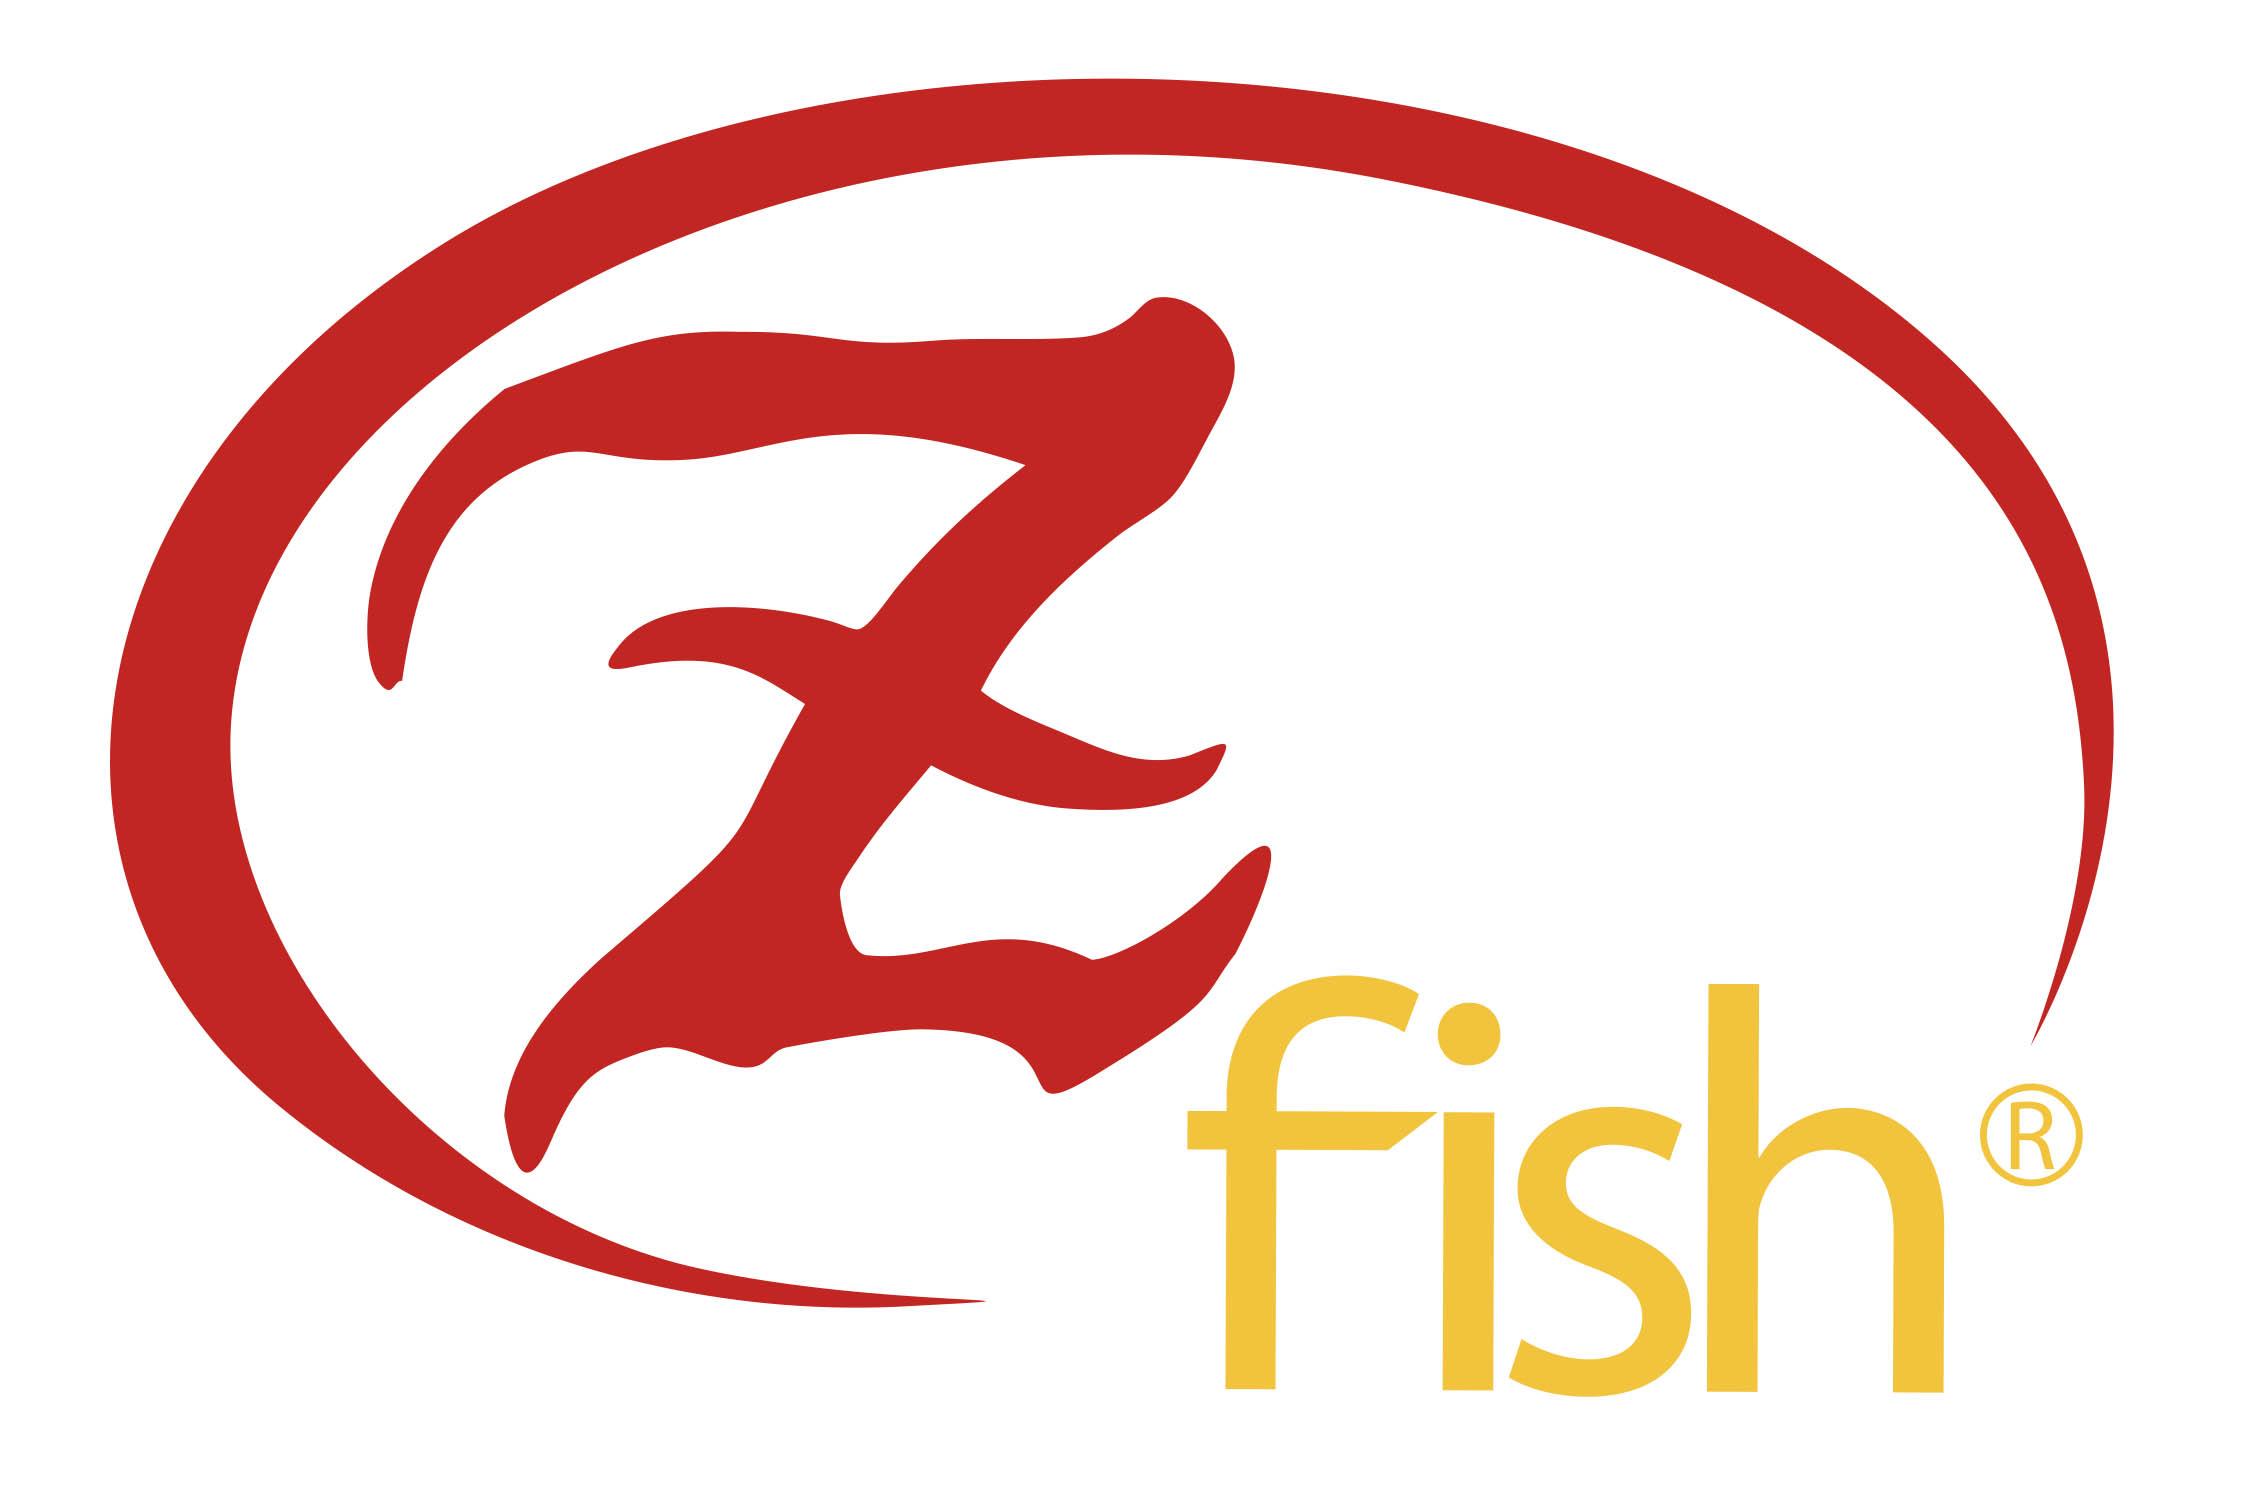 Přidány prdukty Z-Fishing